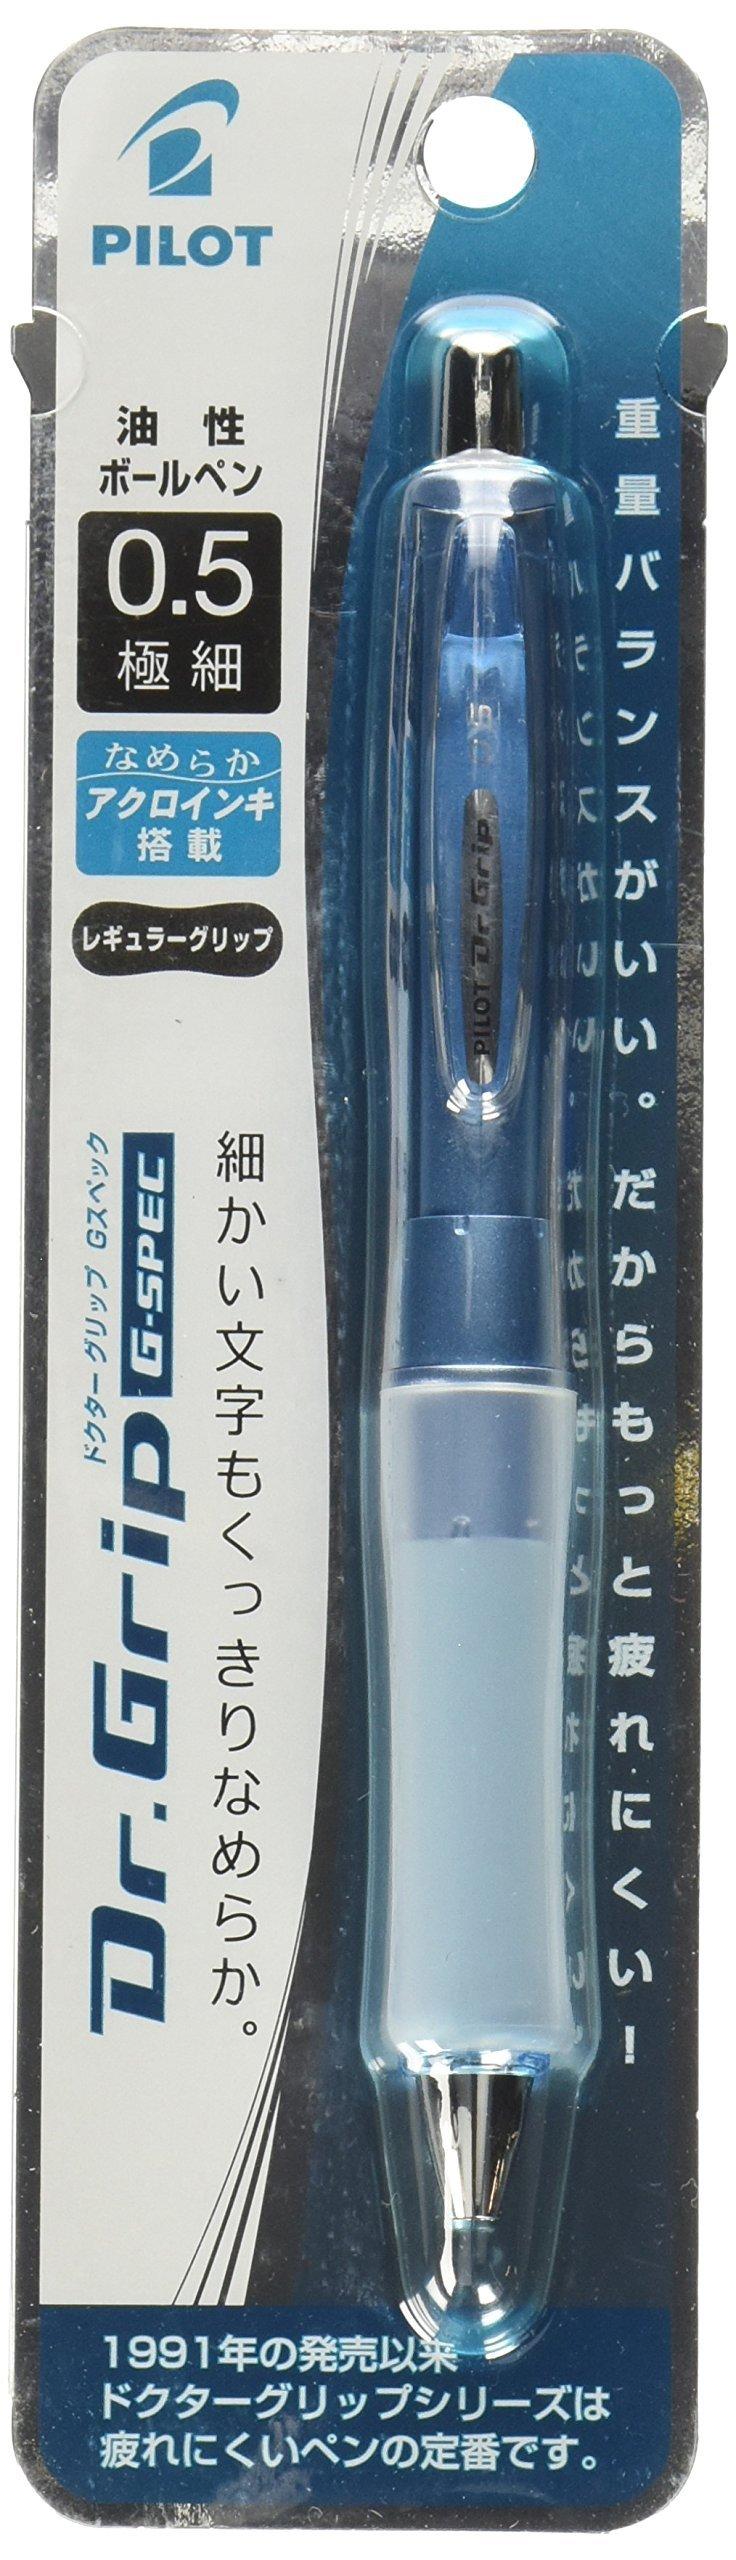 Pilot Ballpoint Pen, Dr.Grip G, 0.5mm, Extra Fine,  [1L1K60NS]